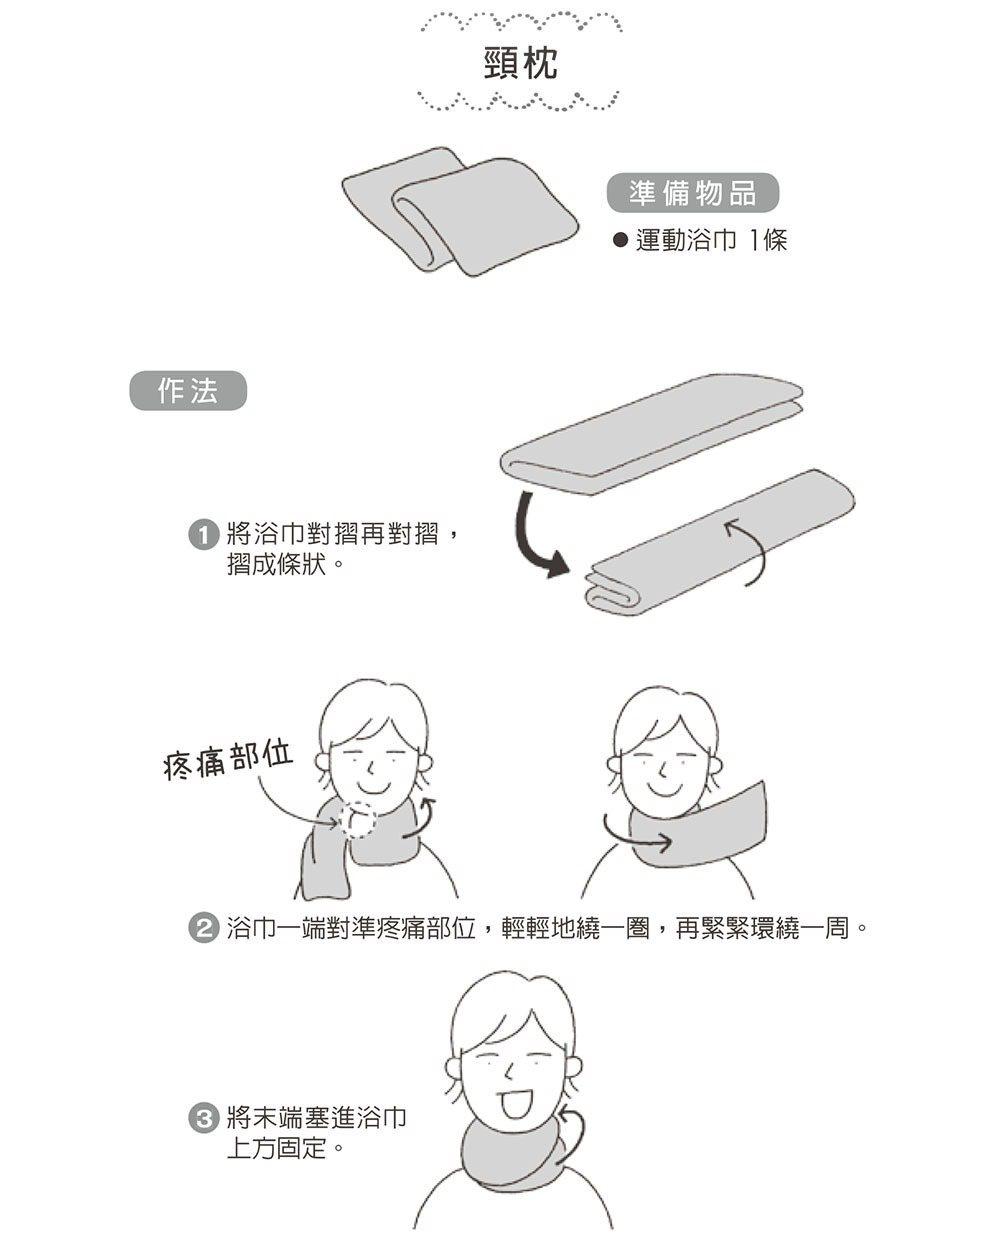 圖/摘自晨星出版《最新枕頭健康法:換枕頭,就能變健康》